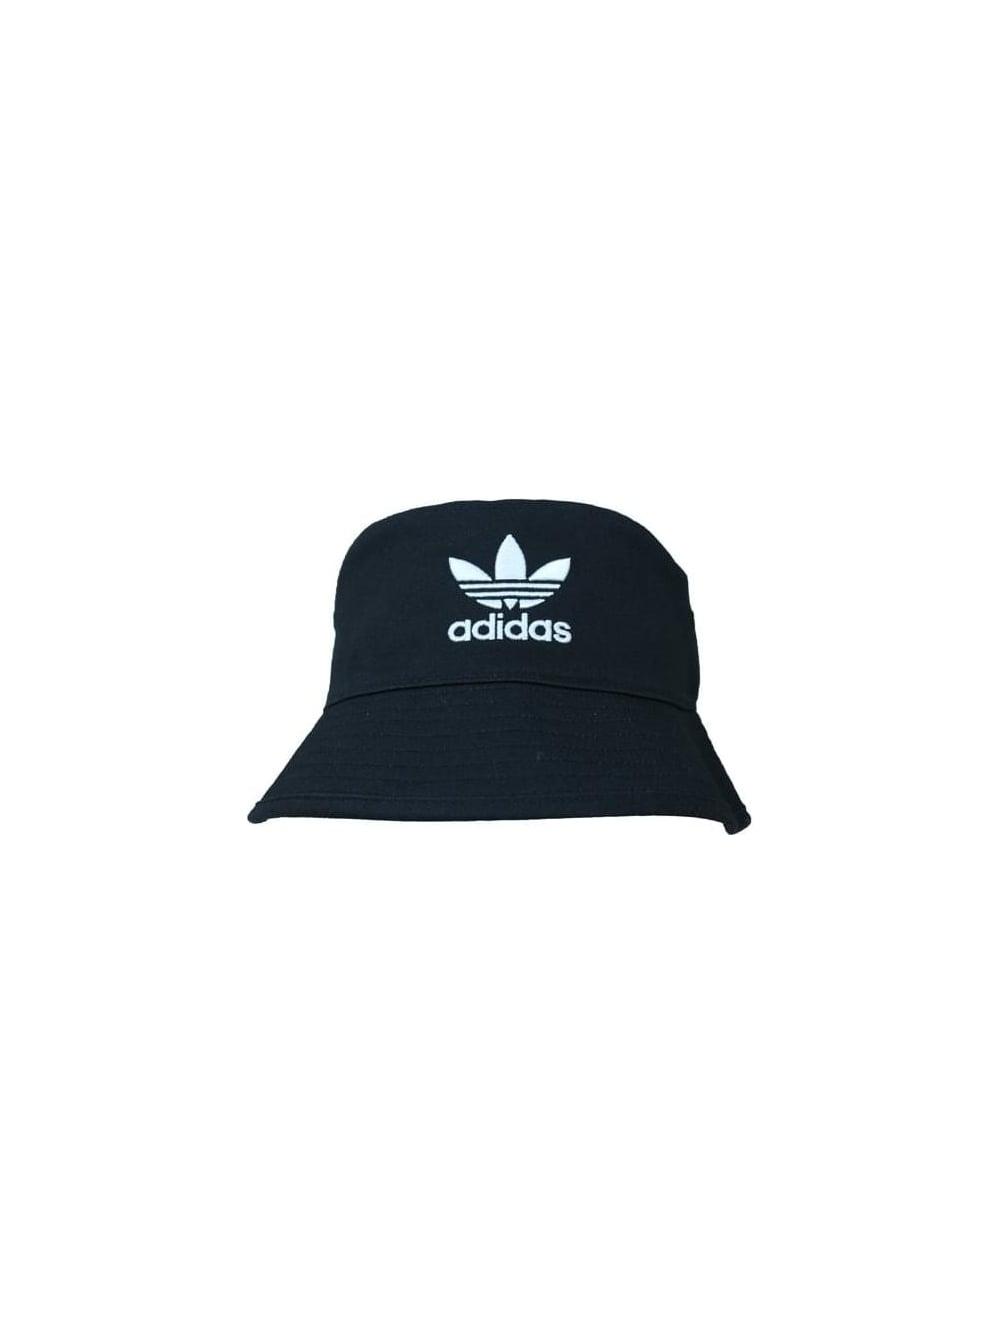 adidas Originals AC Bucket Hat in Black - Northern Threads 83b3e557fd9